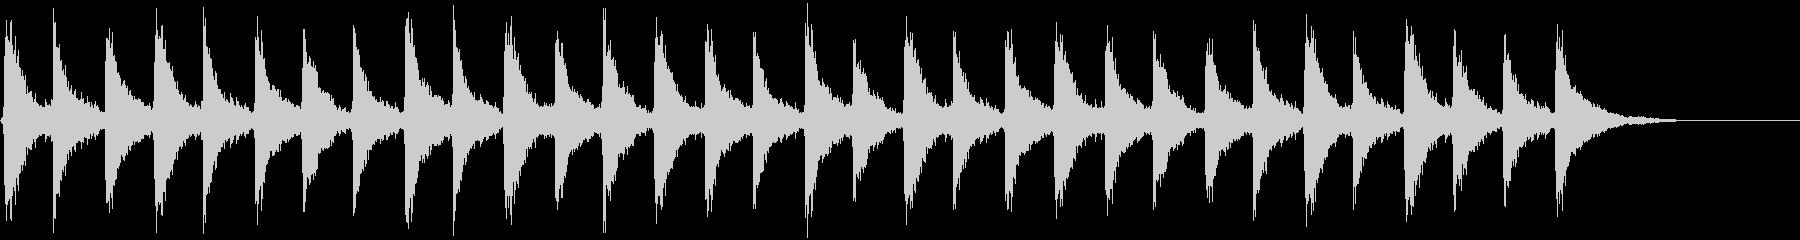 Xmasシーンに最適な鈴の音(遅め)の未再生の波形